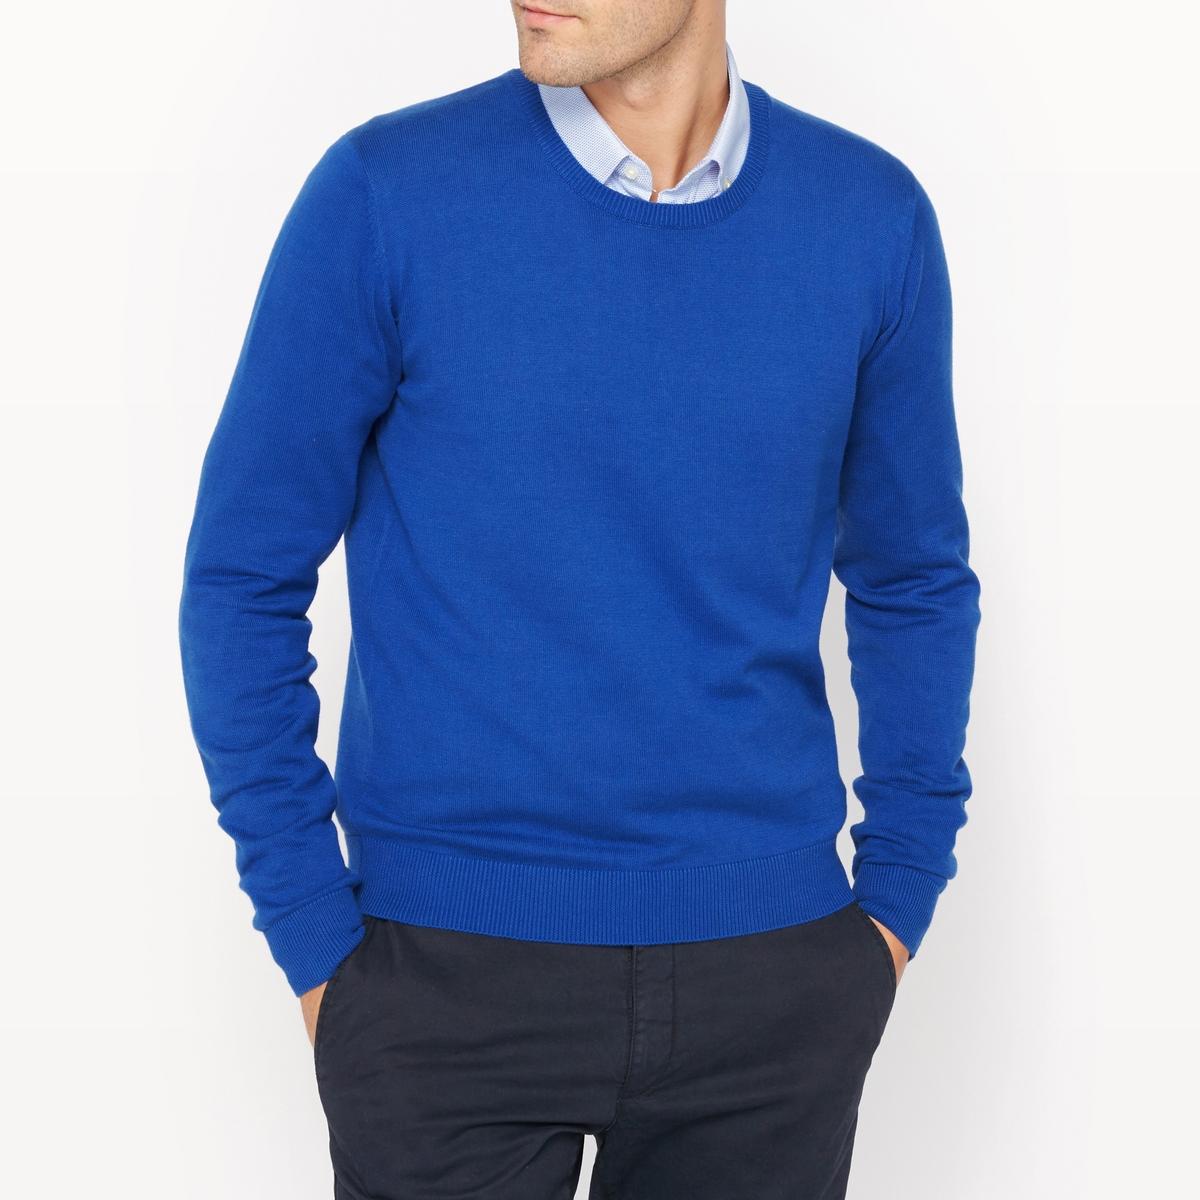 Пуловер с круглым вырезом 100% хлопкаПуловер с длинными рукавами. Прямой покрой, круглый вырез. Края низа и рукавов связаны в рубчик.Состав и описание :Материал : 100% хлопкаМарка : R essentiel.<br><br>Цвет: синий<br>Размер: L